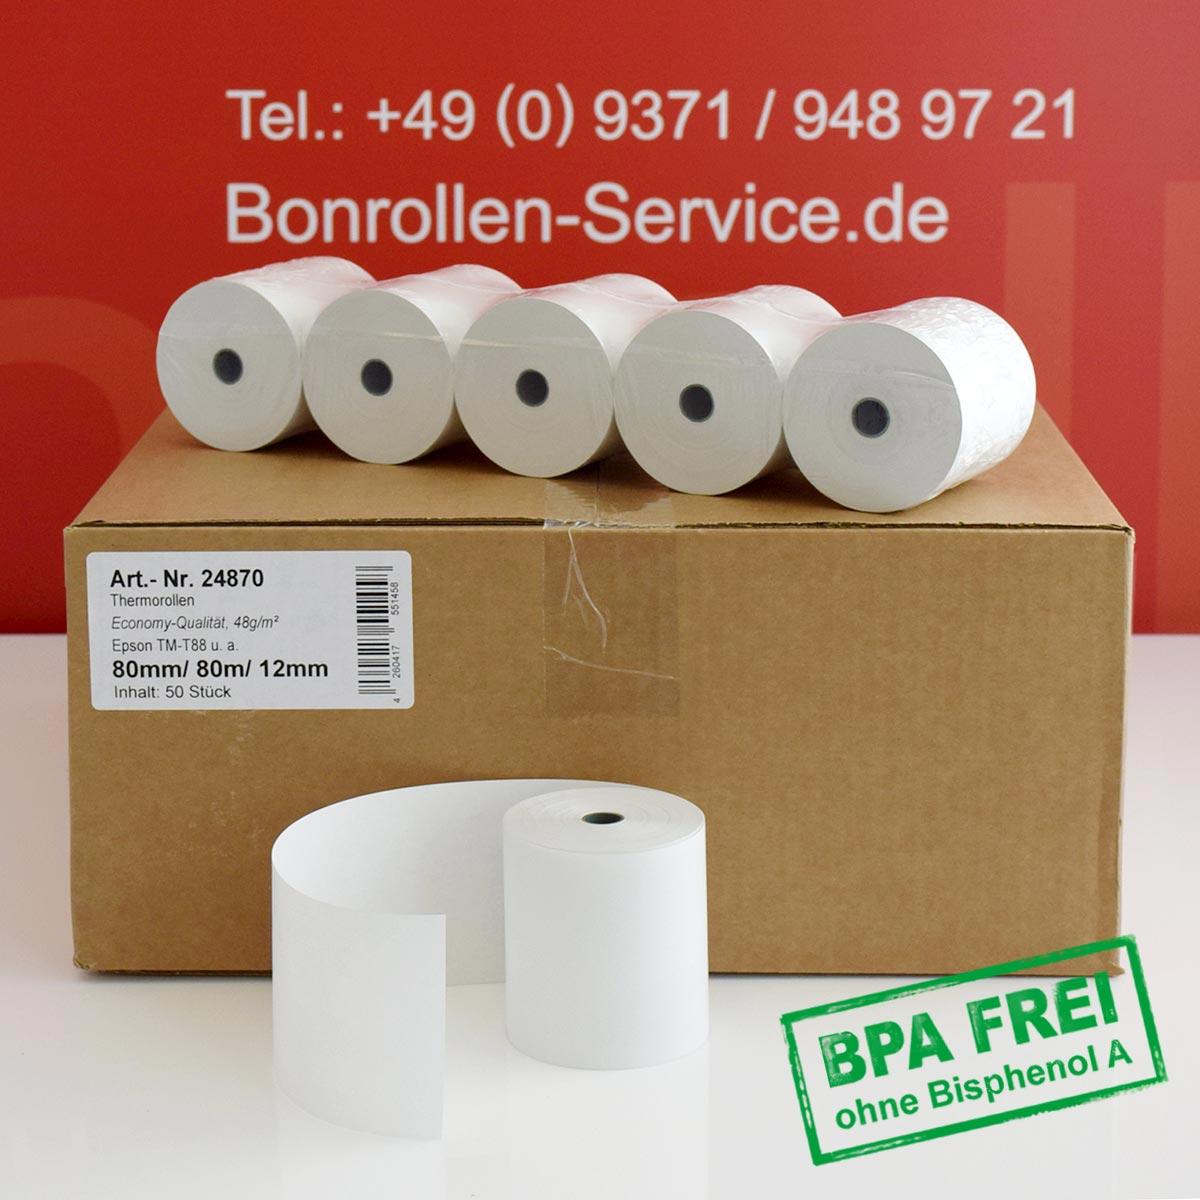 Thermorollen ohne BPA 80 / 80m / 12 - Economy, 48g/m², weiß